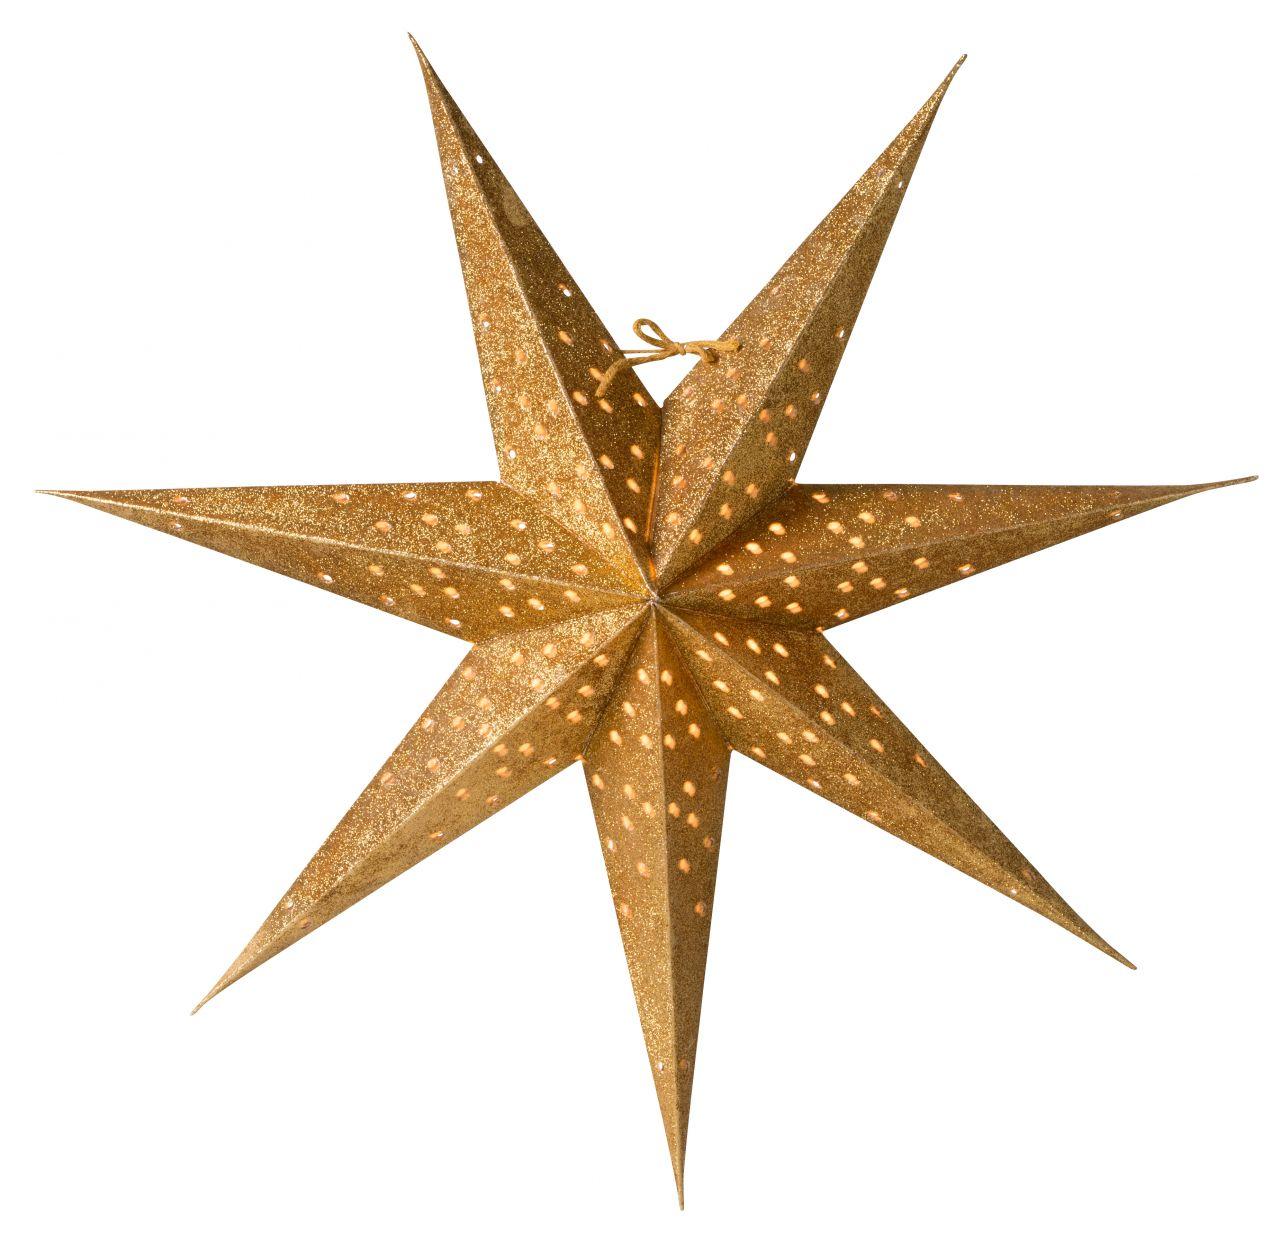 watt & VEKE Závěsná svítící hvězda Donna Gold 60 cm, zlatá barva, plast, papír